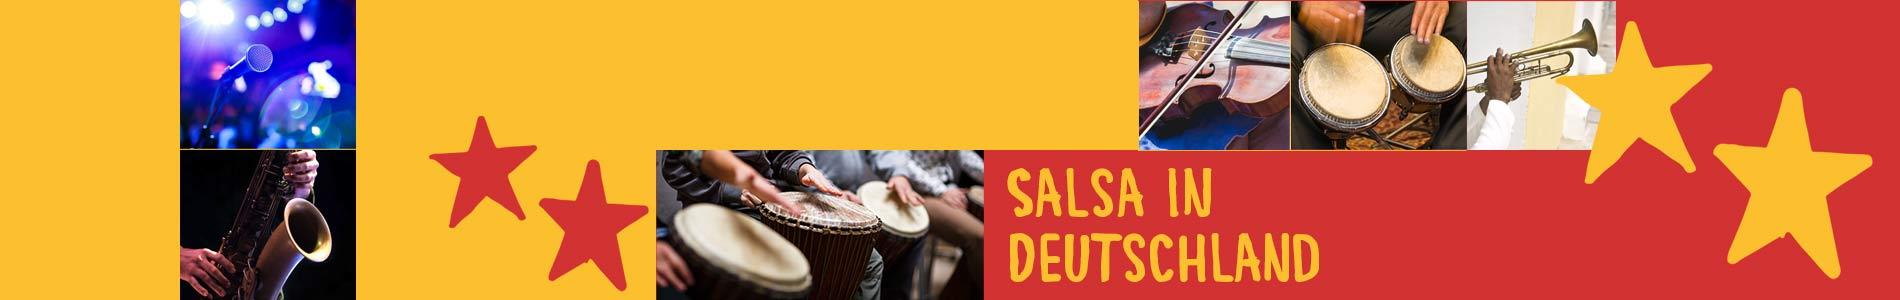 Salsa in Dahlenwarsleben – Salsa lernen und tanzen, Tanzkurse, Partys, Veranstaltungen